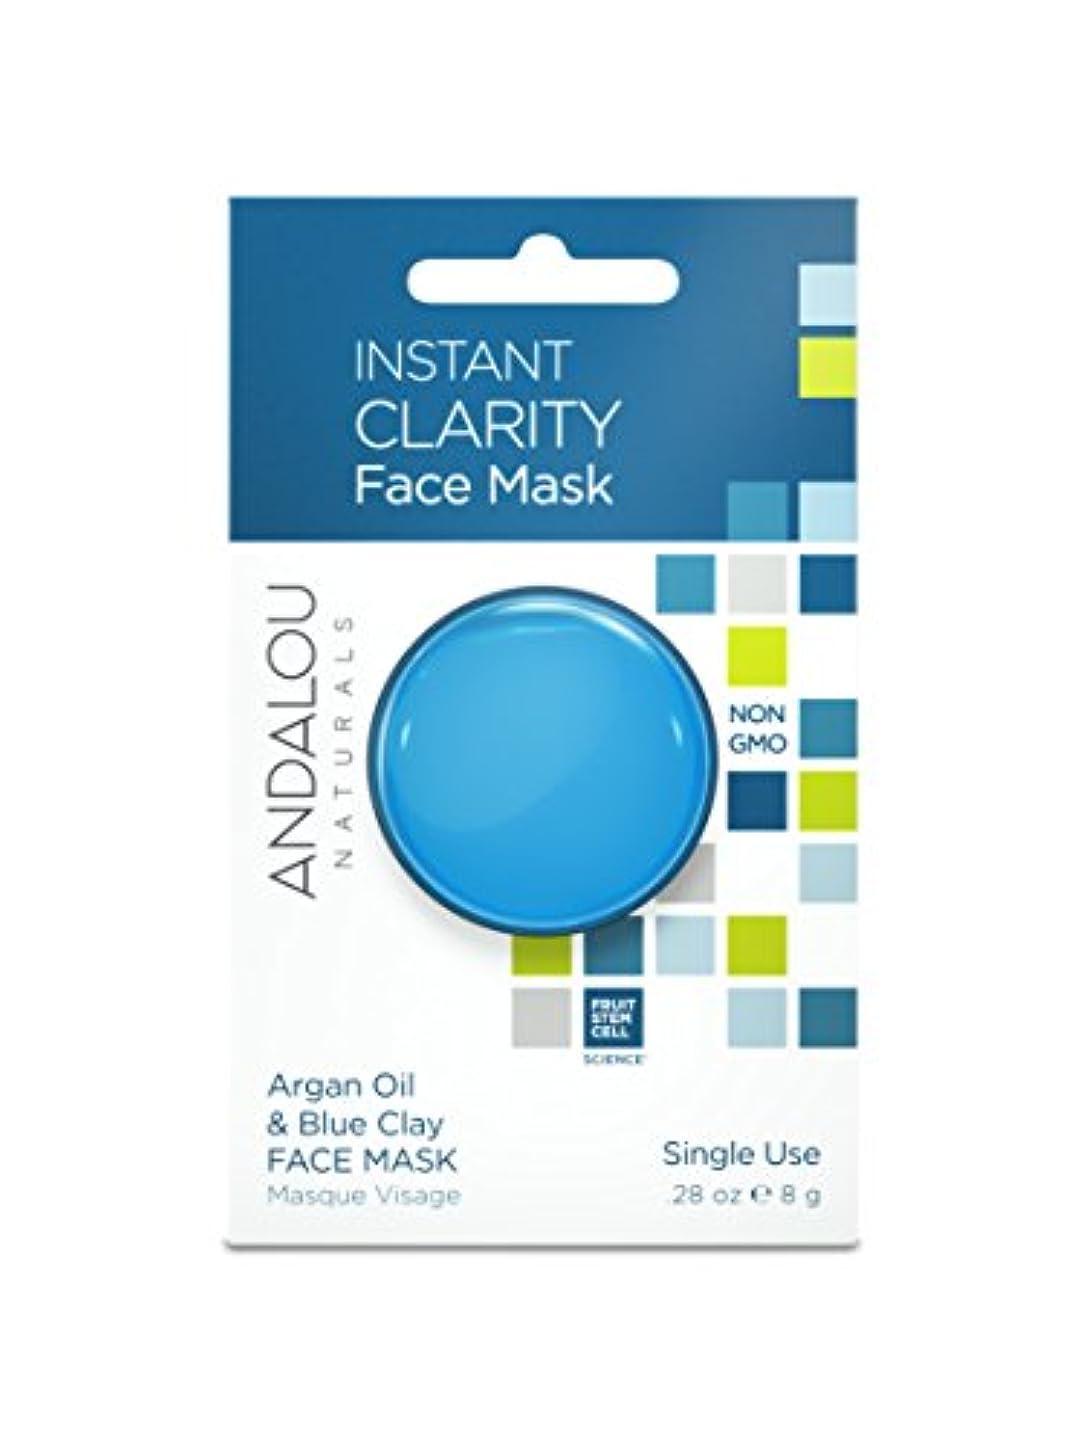 別れる光沢スマイルオーガニック ボタニカル パック マスク フェイスマスク ナチュラル フルーツ幹細胞 「 IC クレイマスクポッド 」 ANDALOU naturals アンダルー ナチュラルズ